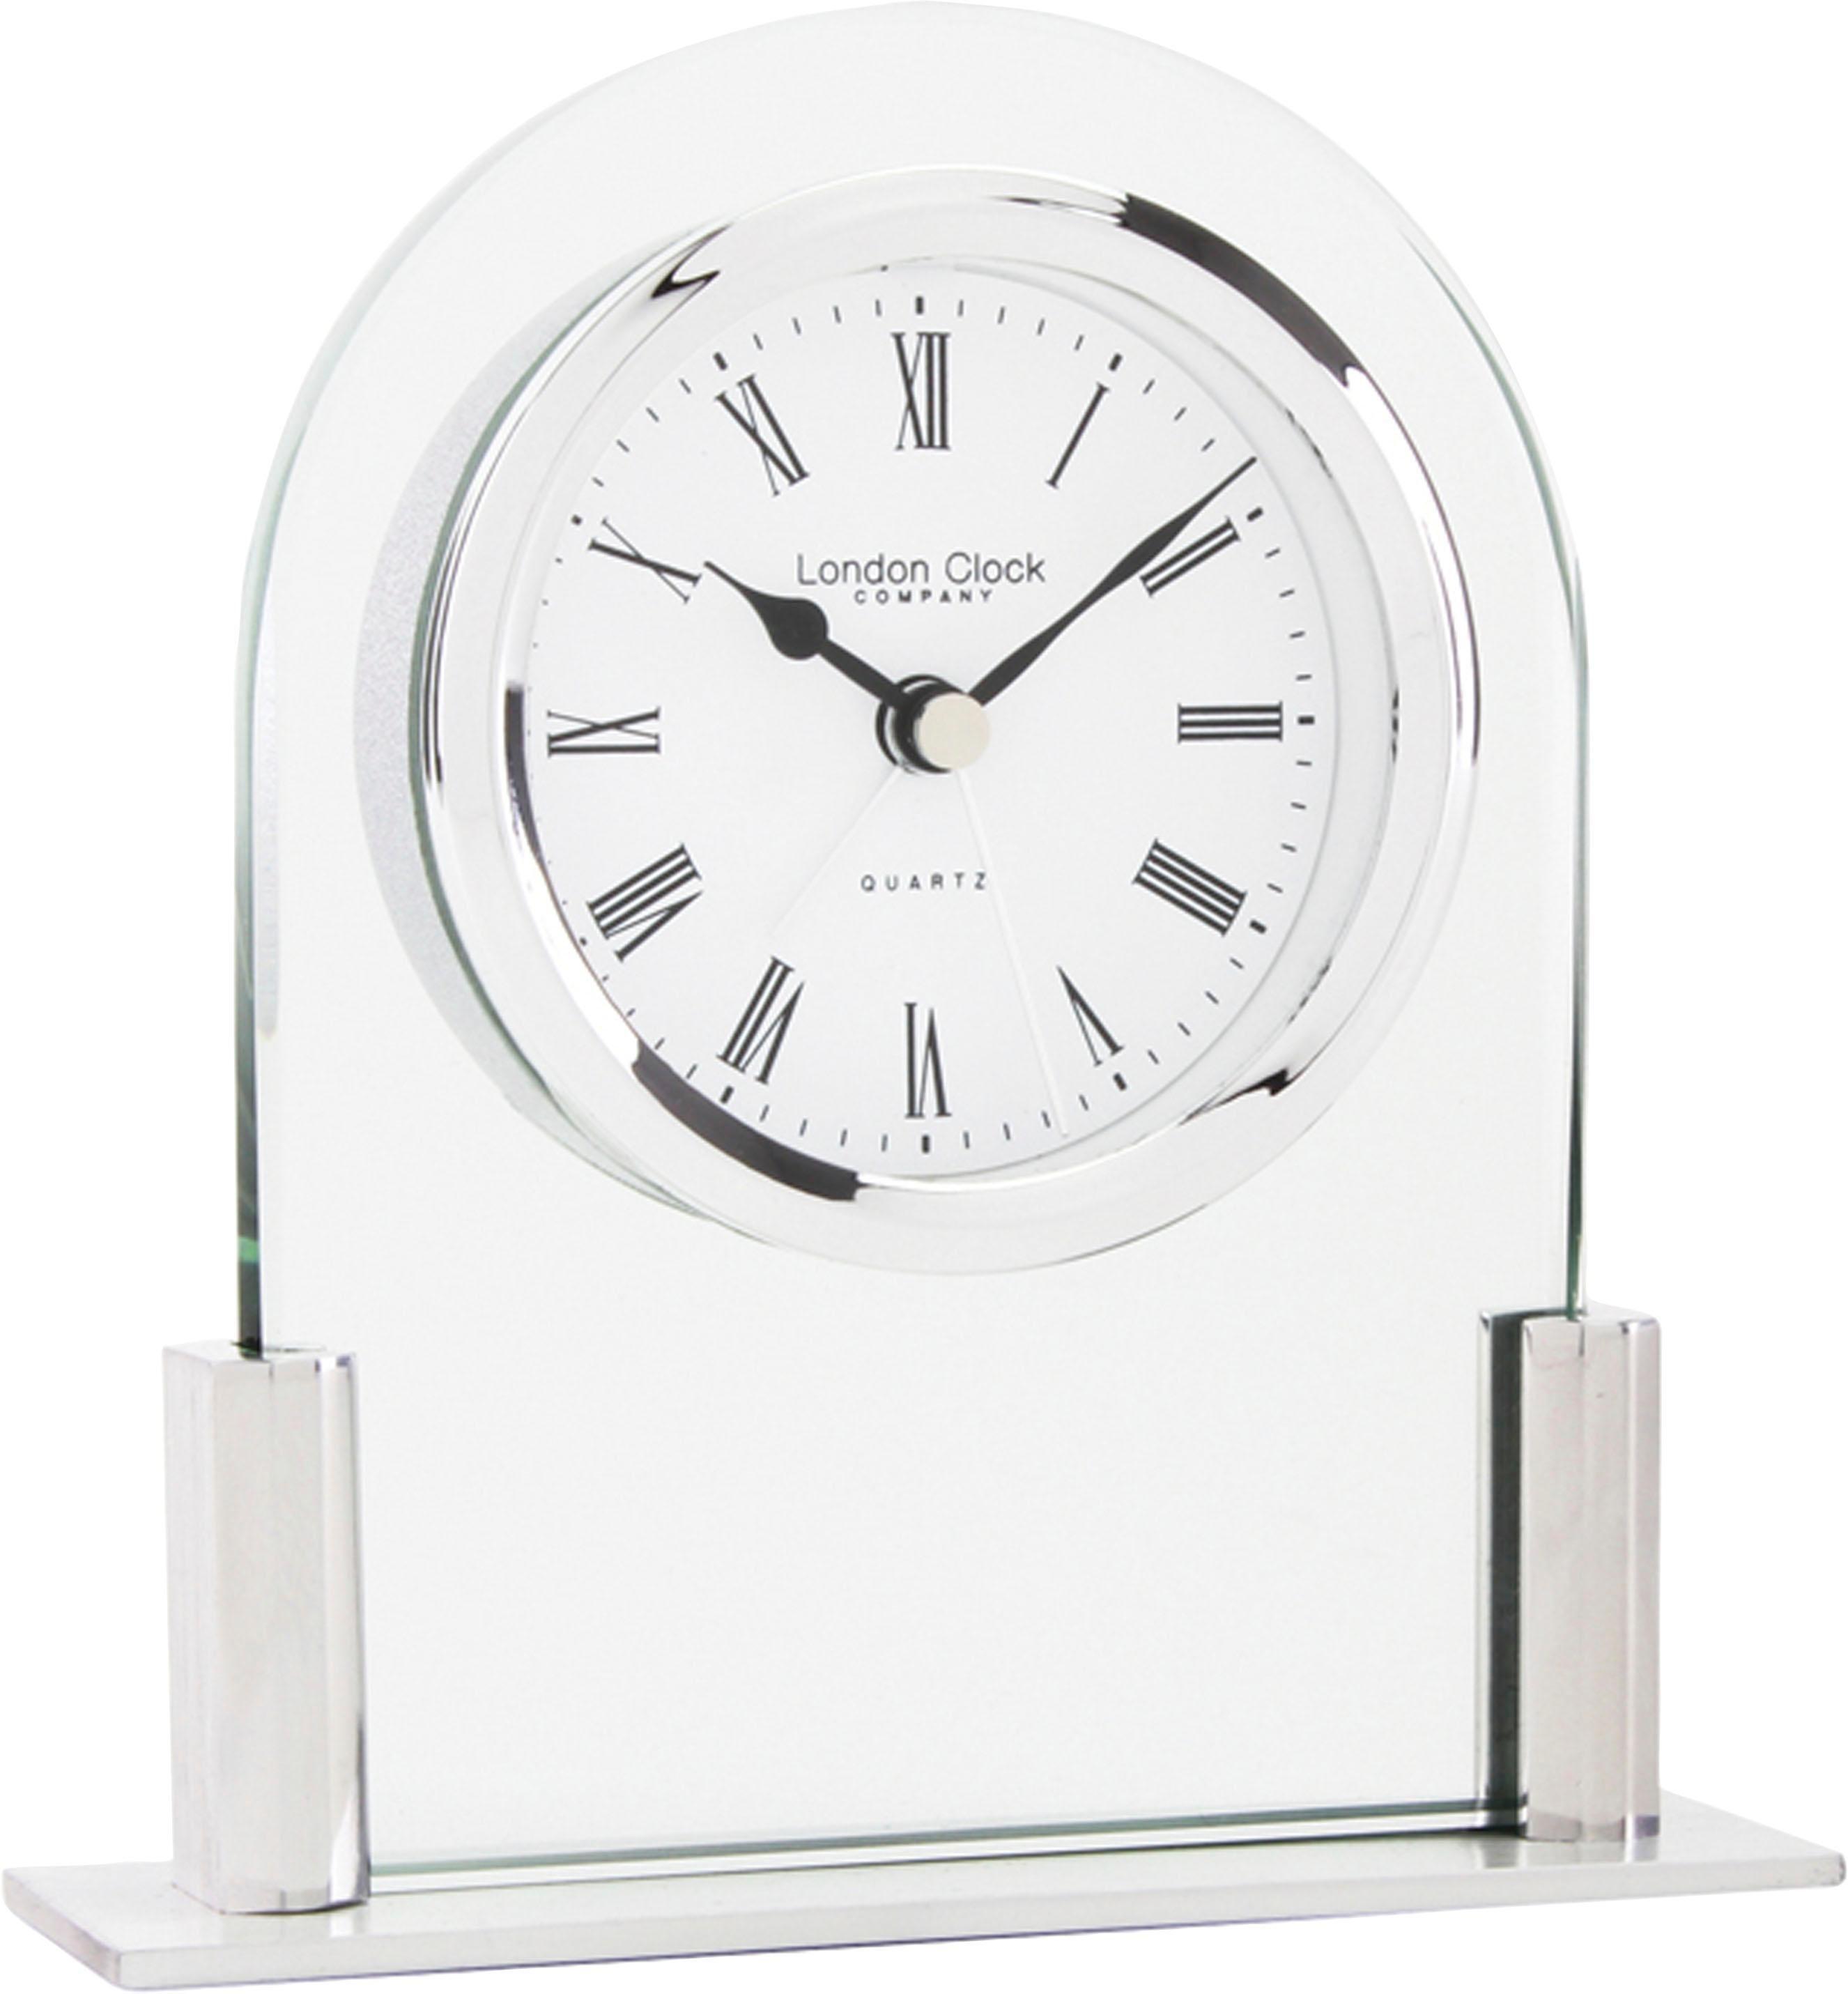 Home Affaire Tischuhr »London Clock 1922« aus Glas, Alarmfunktion | Dekoration > Uhren > Standuhren | Glas | Home affaire